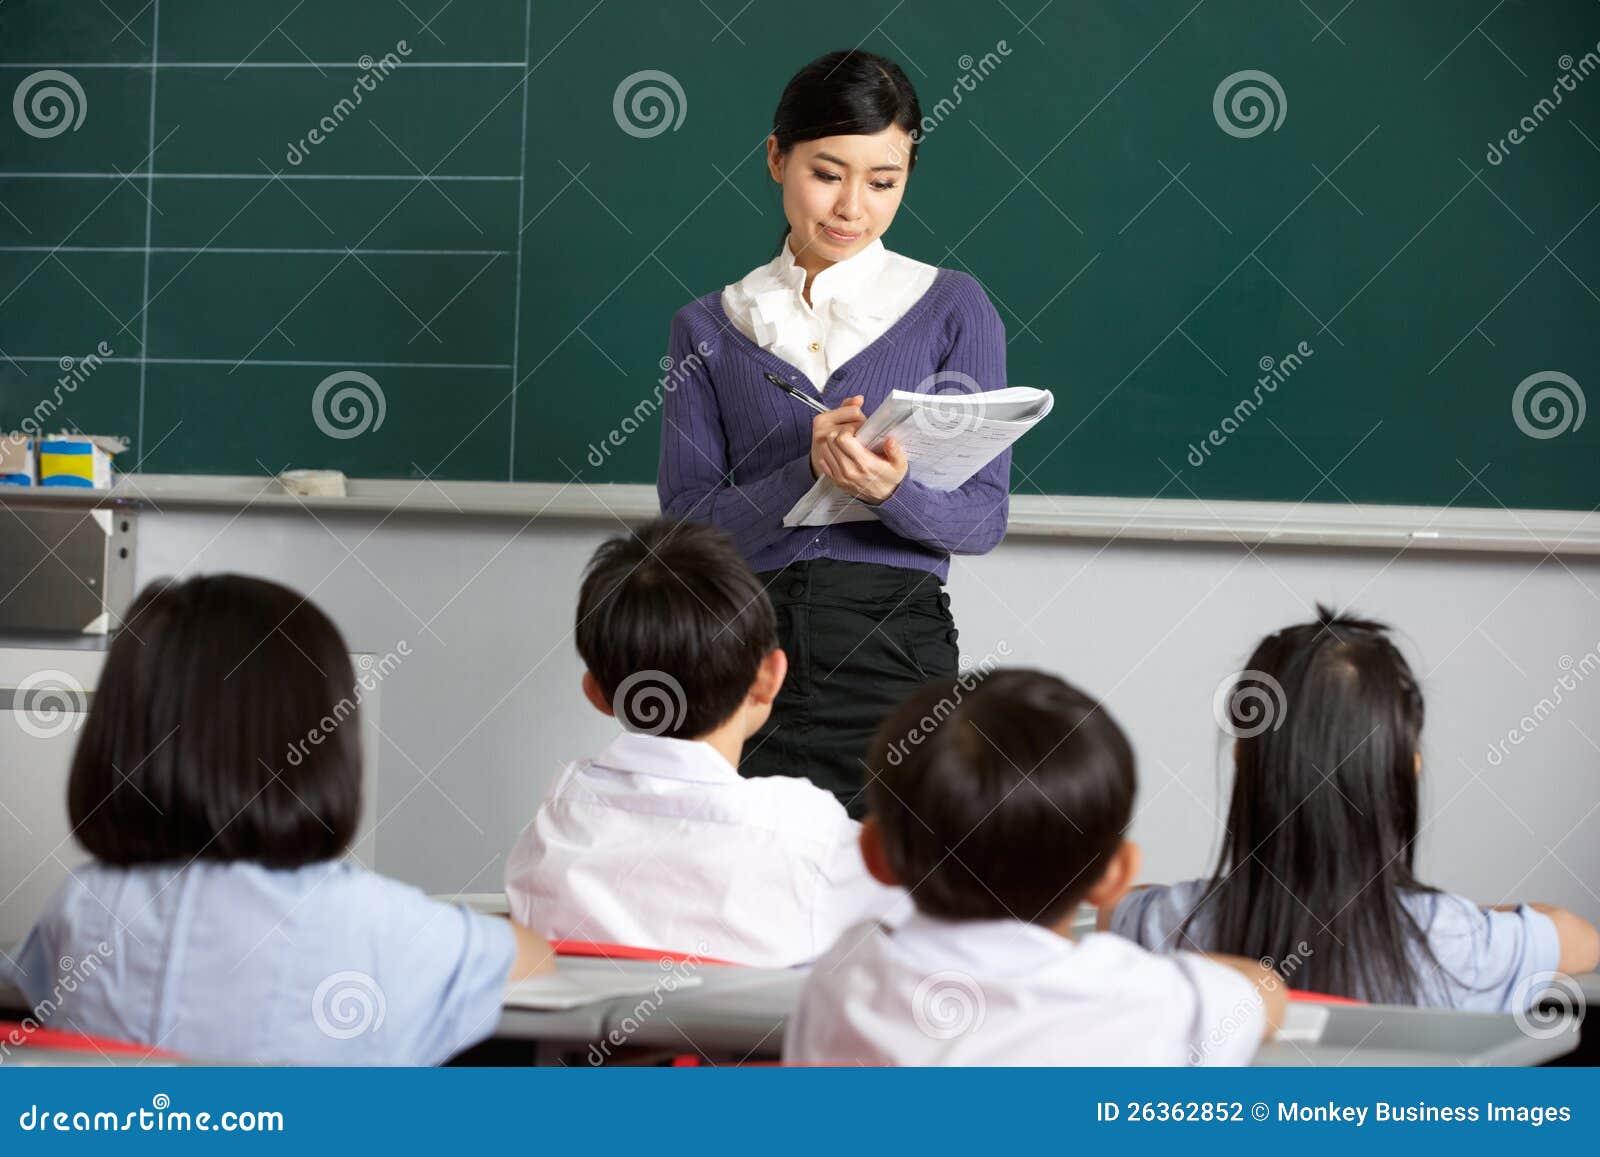 Училка с учеником в учительской 14 фотография